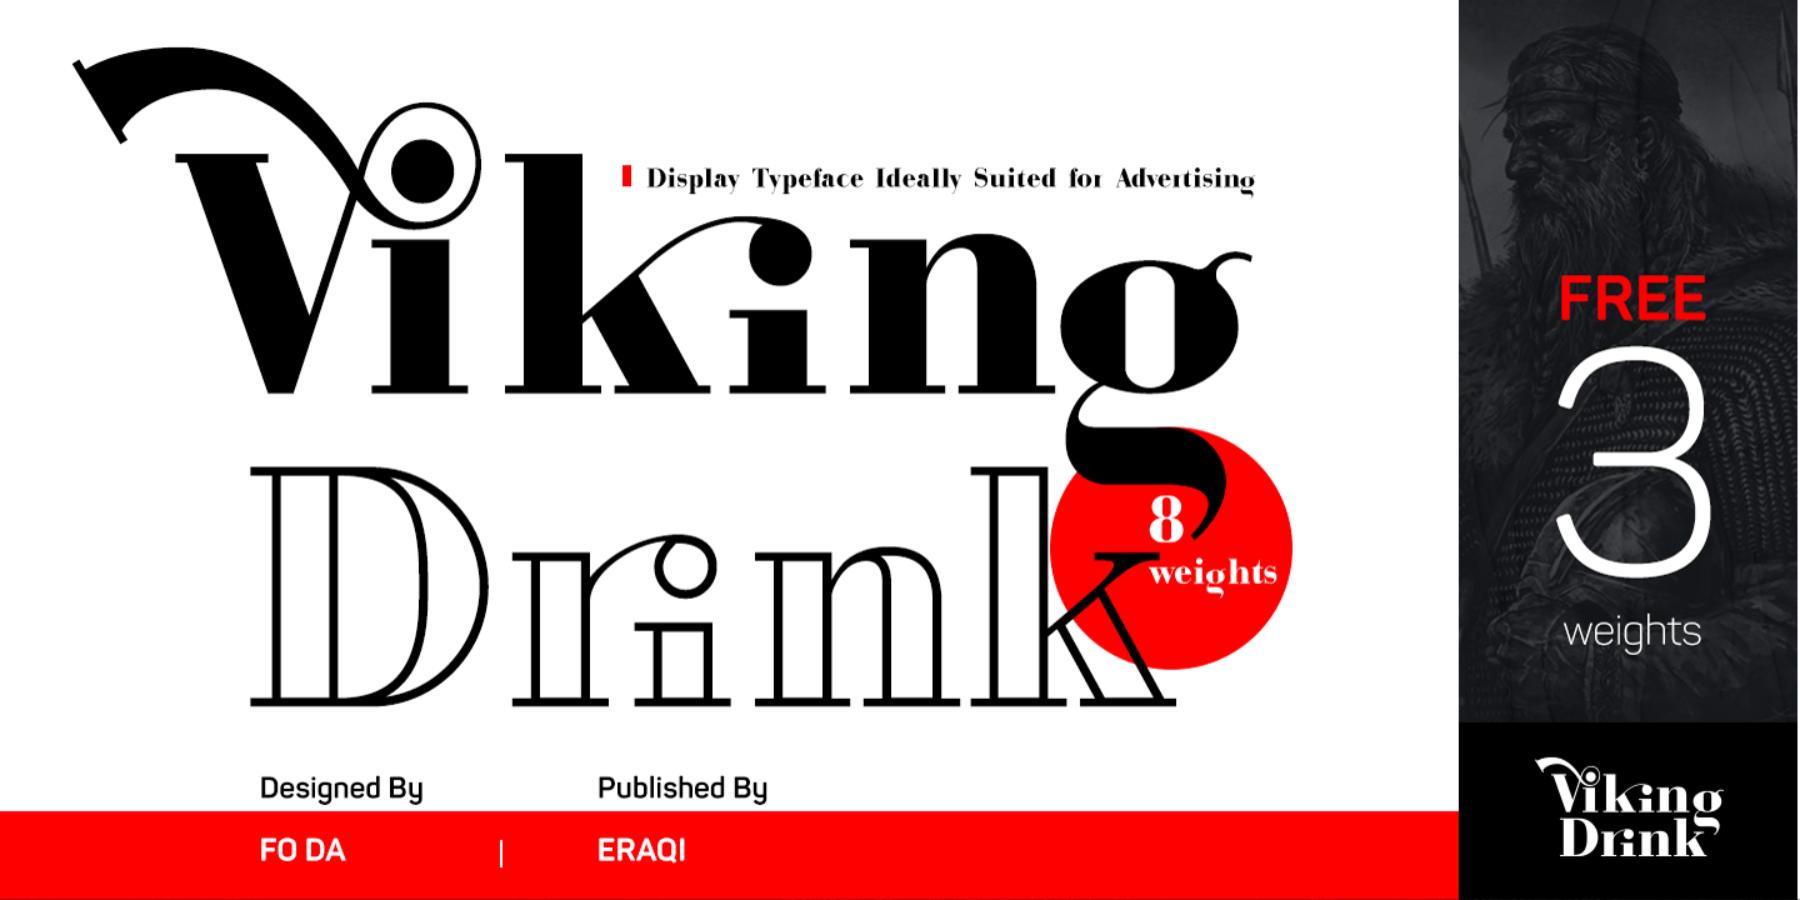 Viking Drink by Fo Da